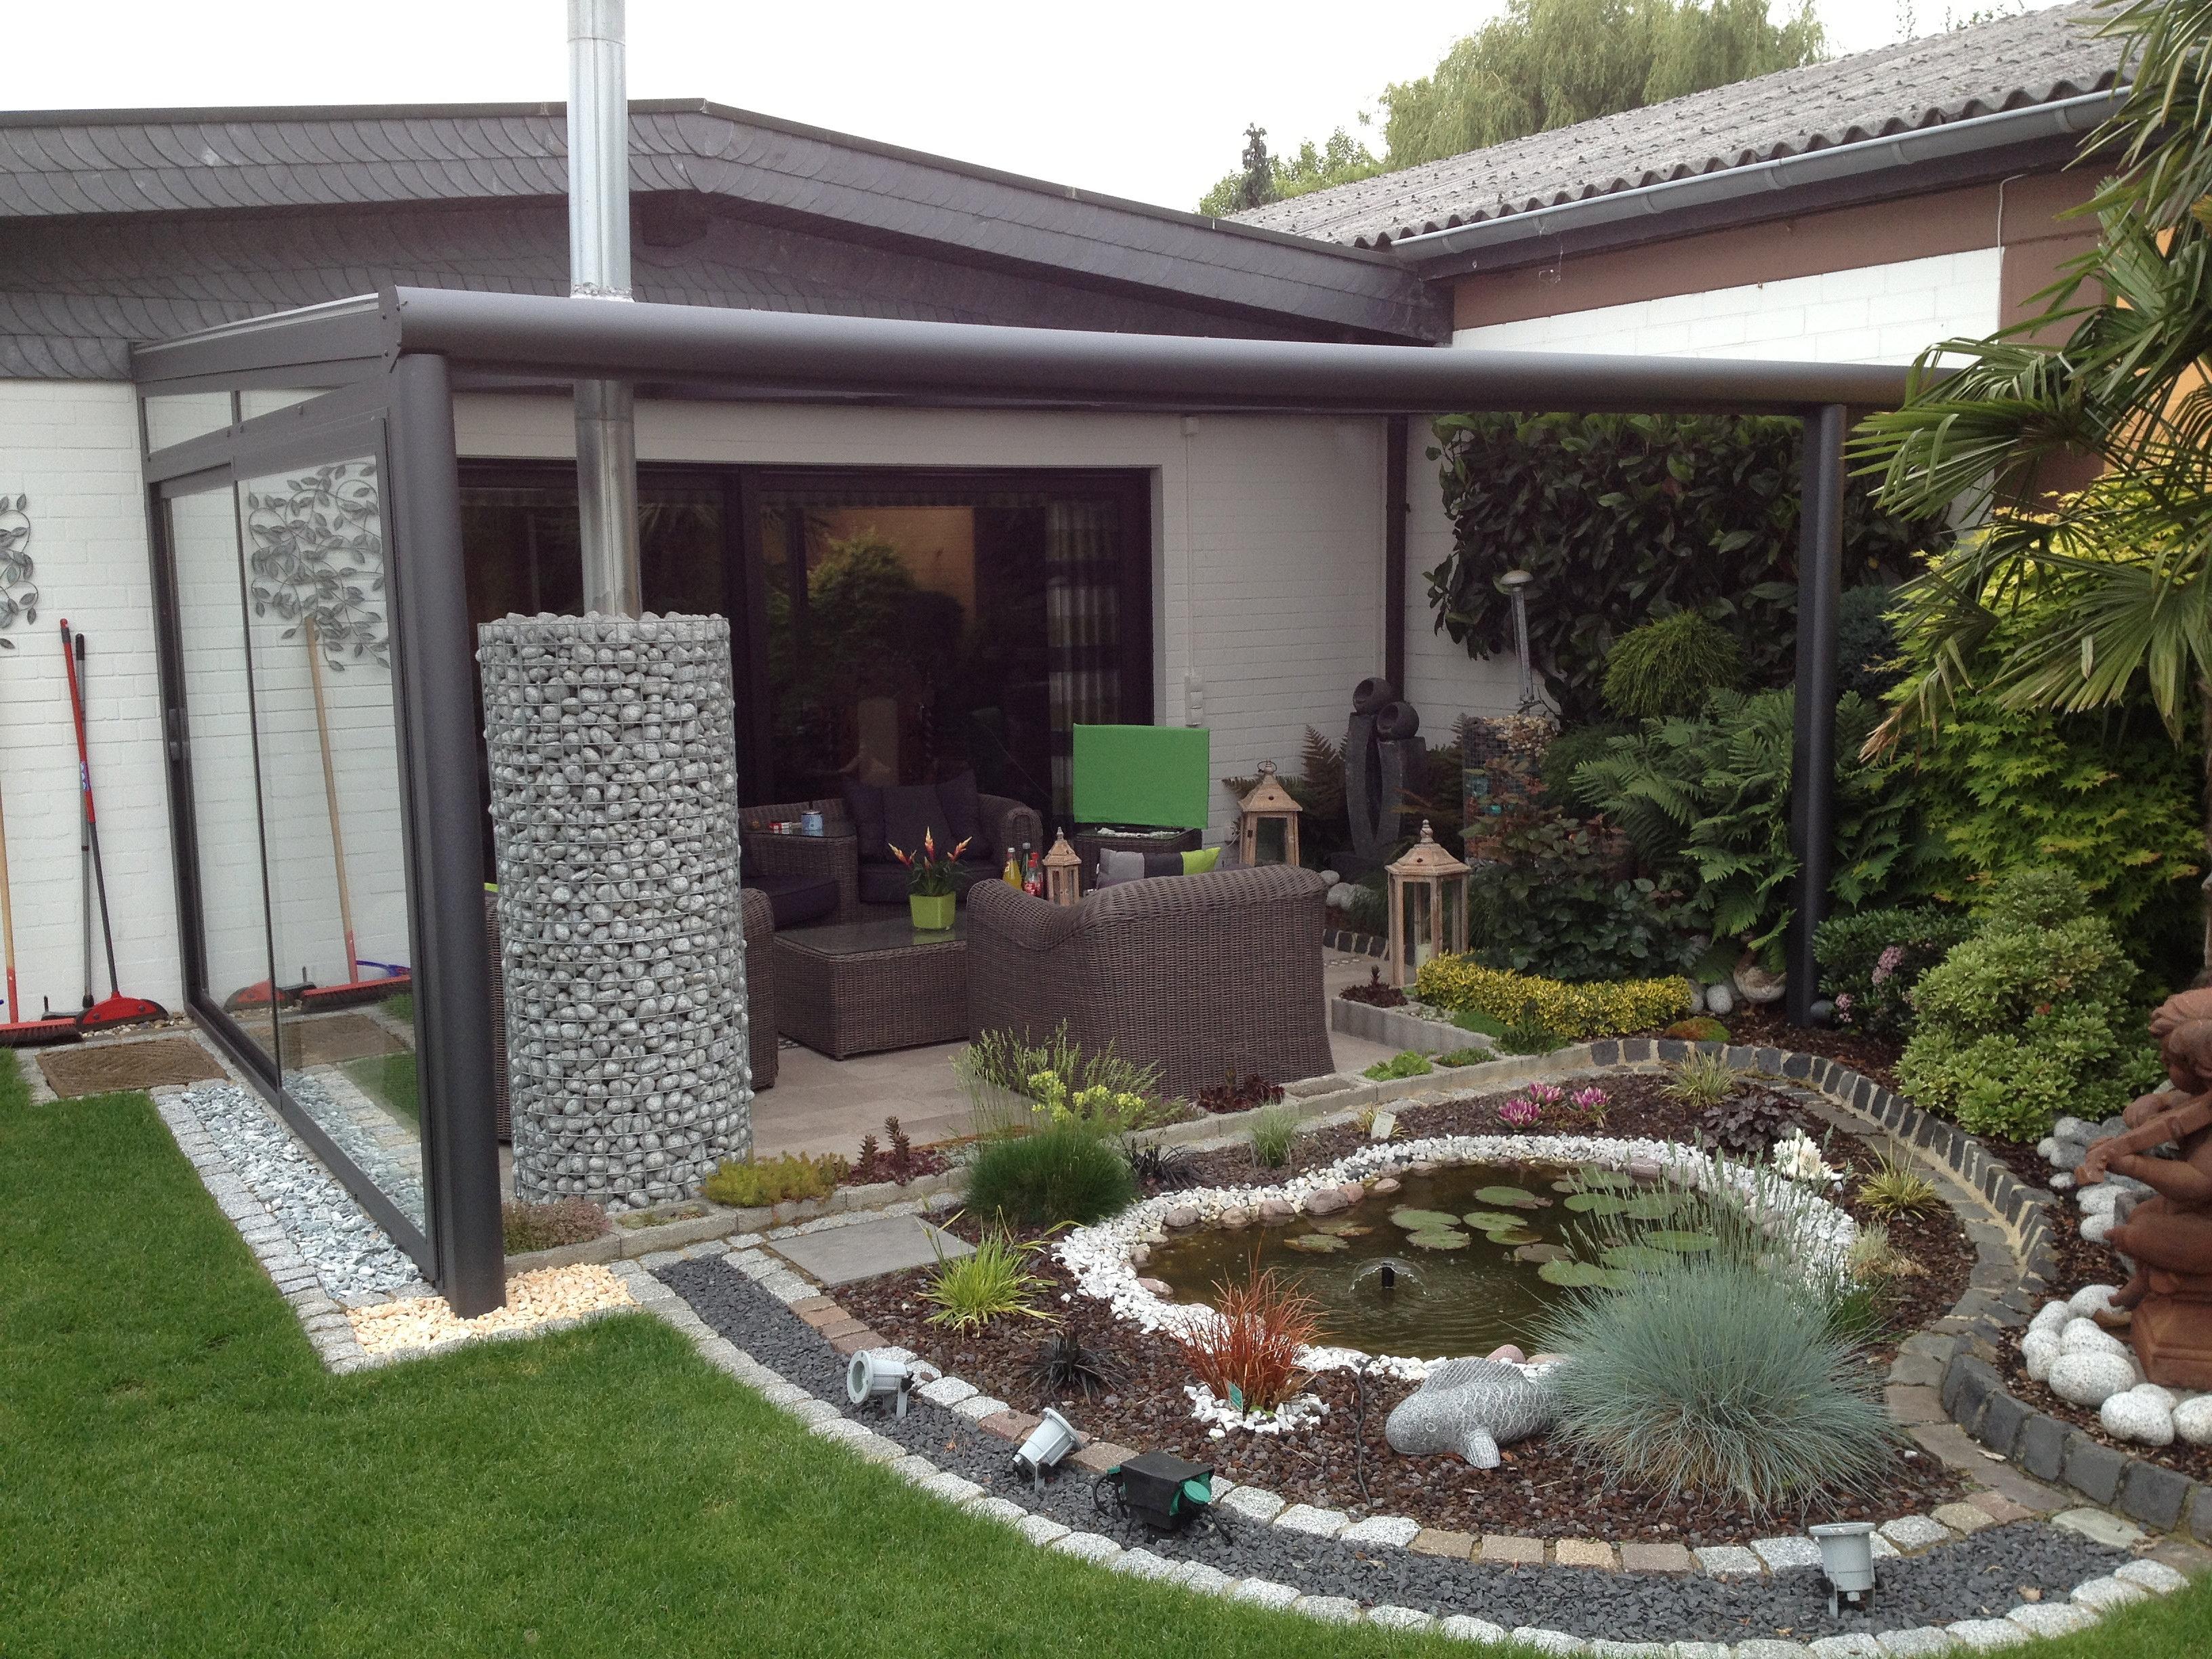 wintergarten und terrassen berdachungen terrassendach angebote preise terrassendach duisburg. Black Bedroom Furniture Sets. Home Design Ideas